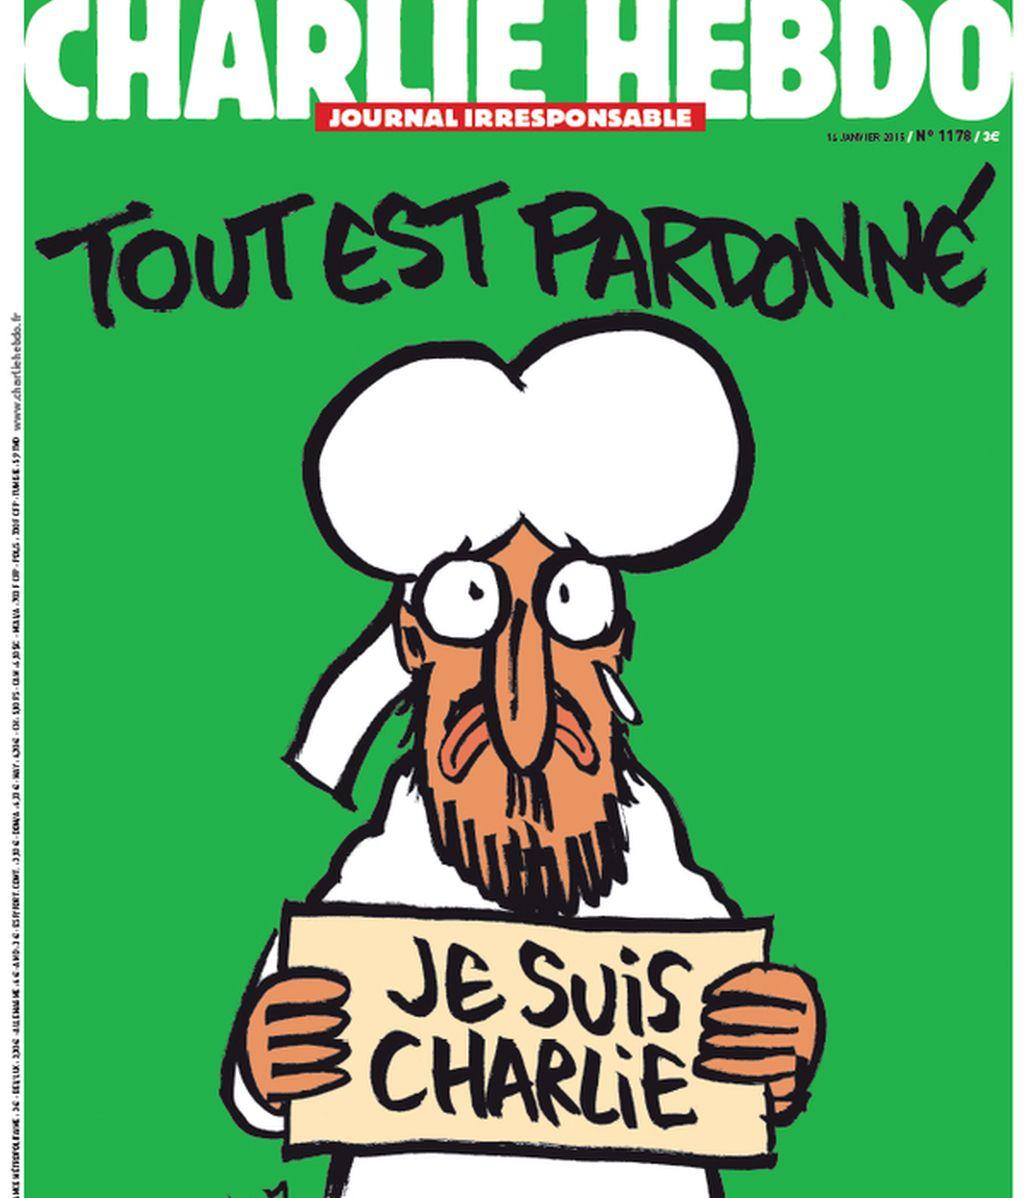 Próxima portada 'Cherlie Hebdo'